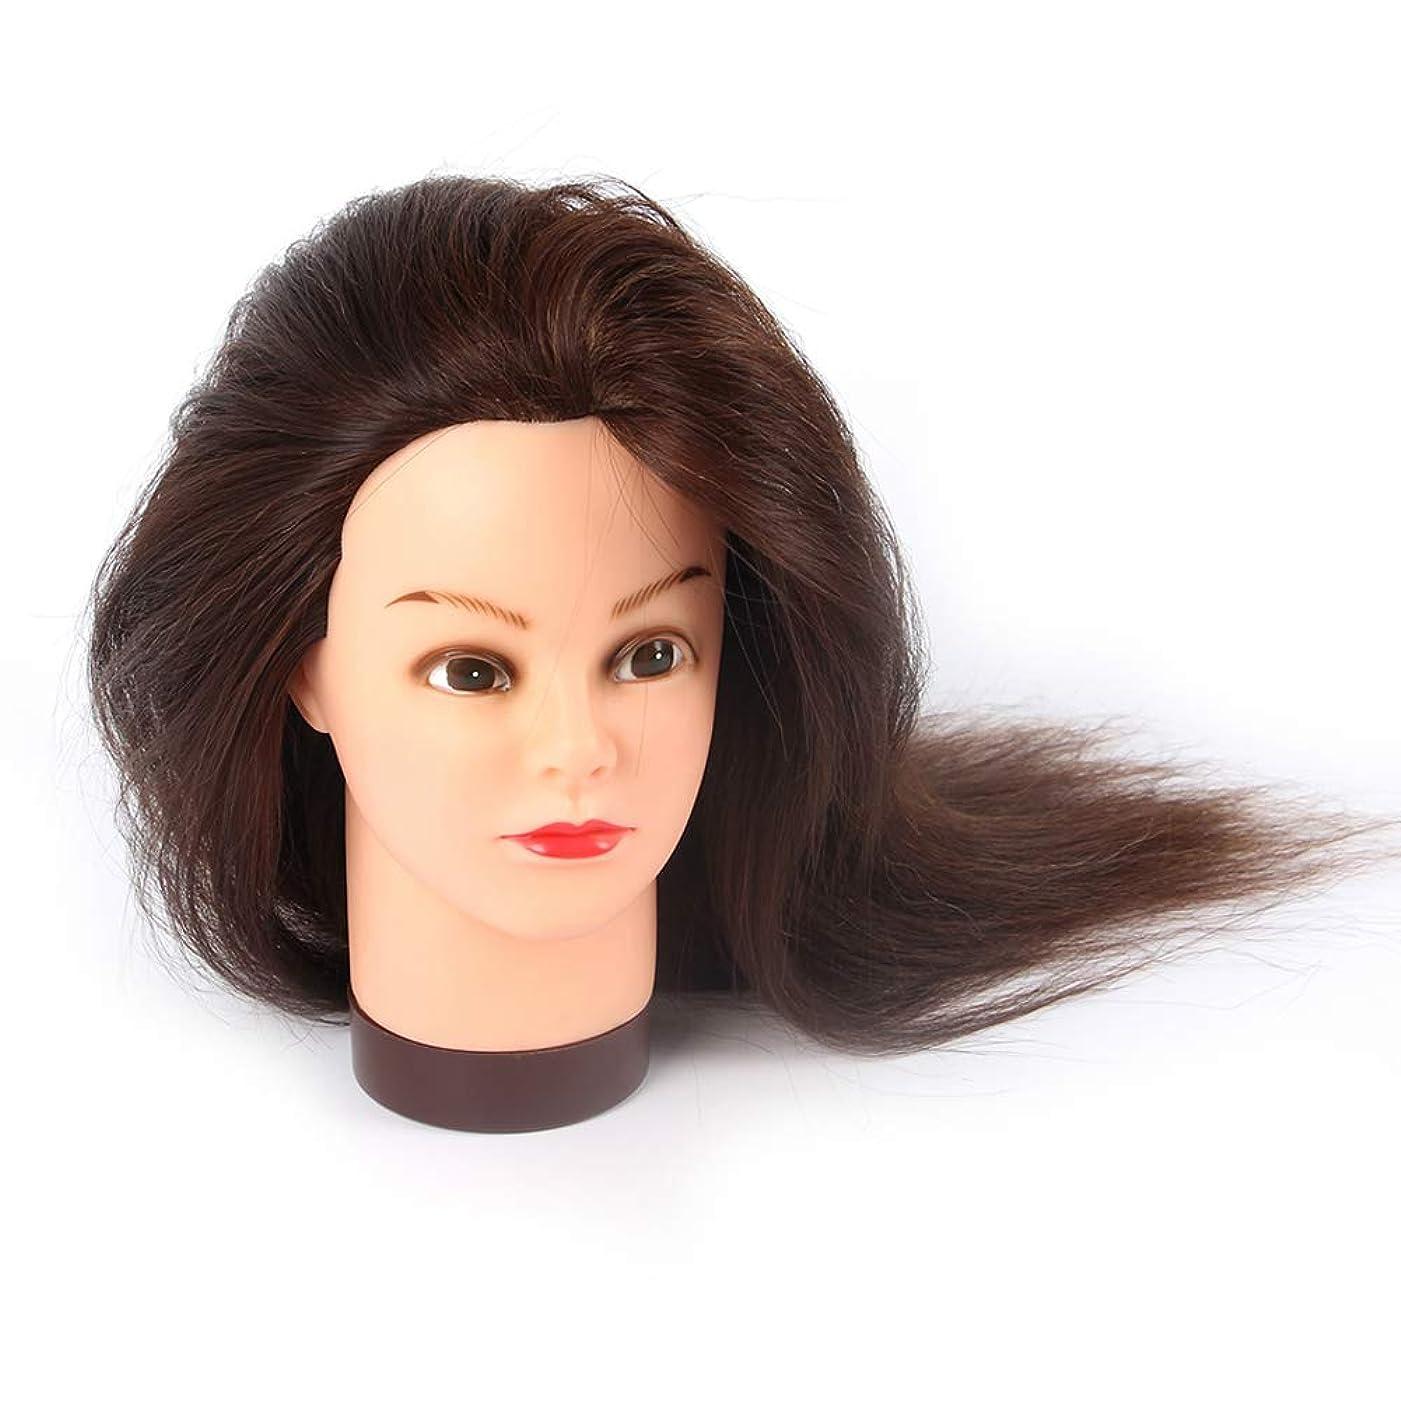 変装同盟キャプチャー花嫁メイクモデリング教育ヘッド本物の人物ヘアダミーヘッドモデル理髪店学習パーマ髪染めモデルヘッド